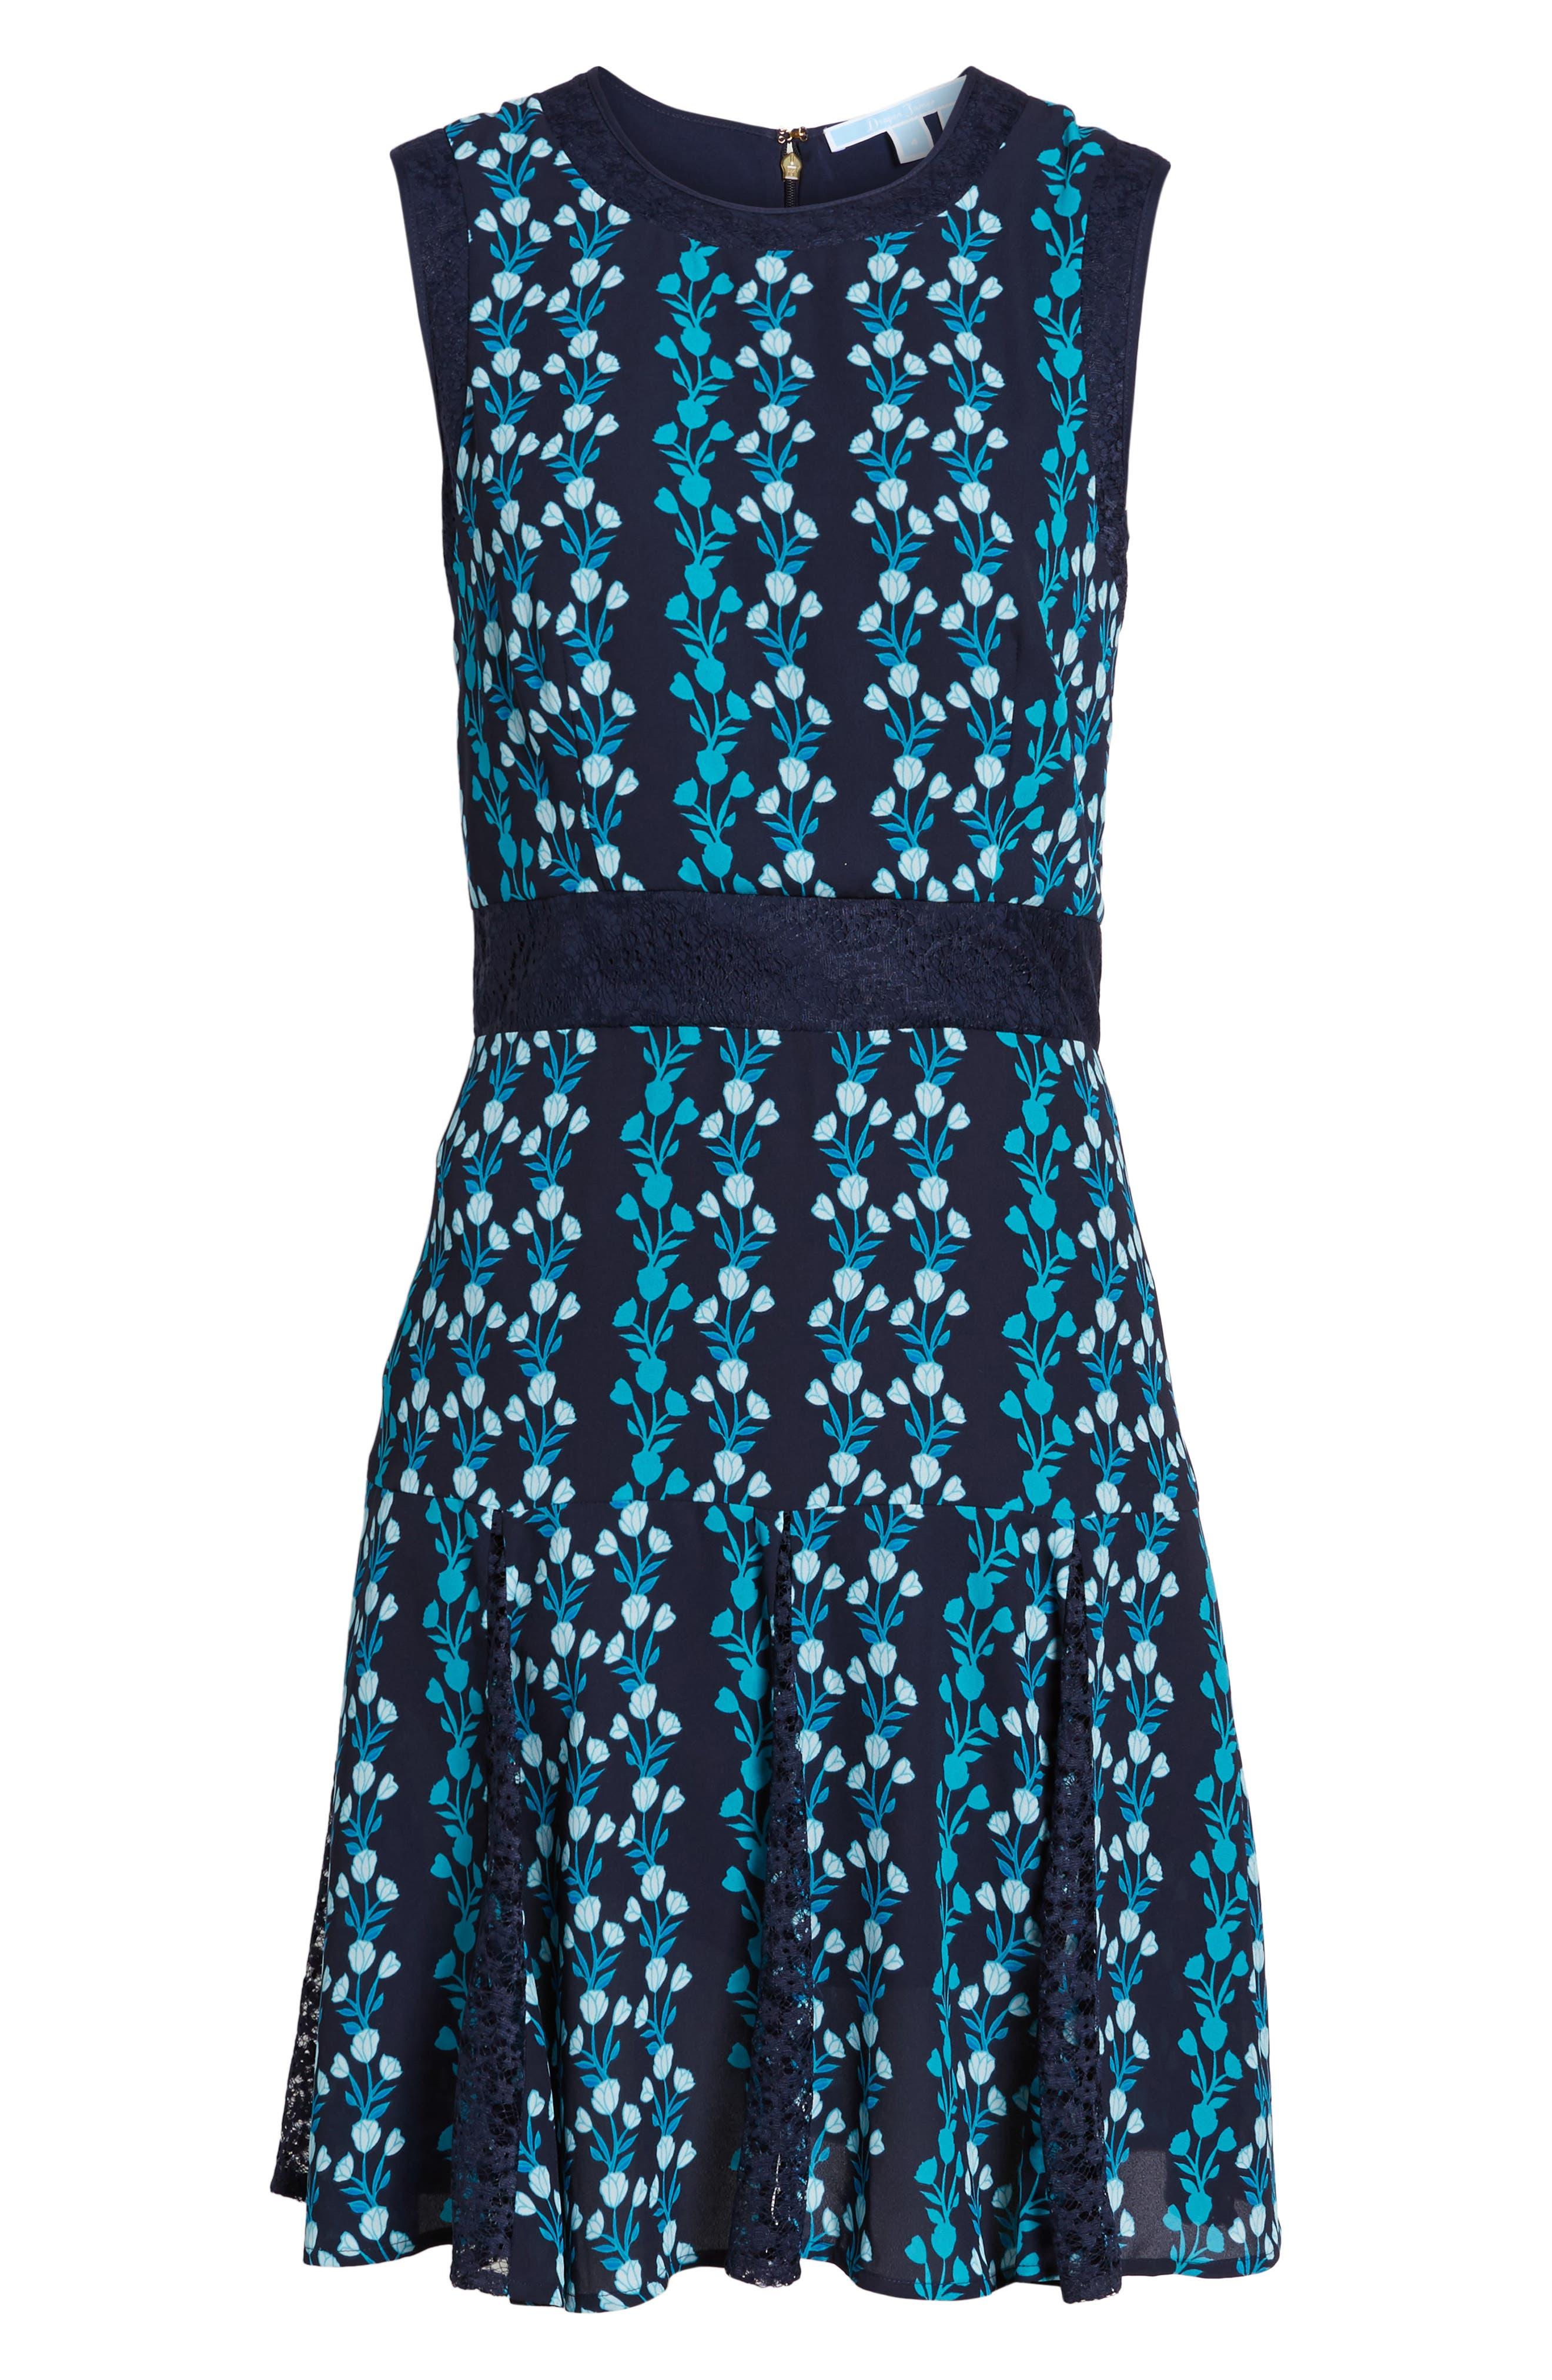 Meadow Vines Lace Dress,                             Alternate thumbnail 6, color,